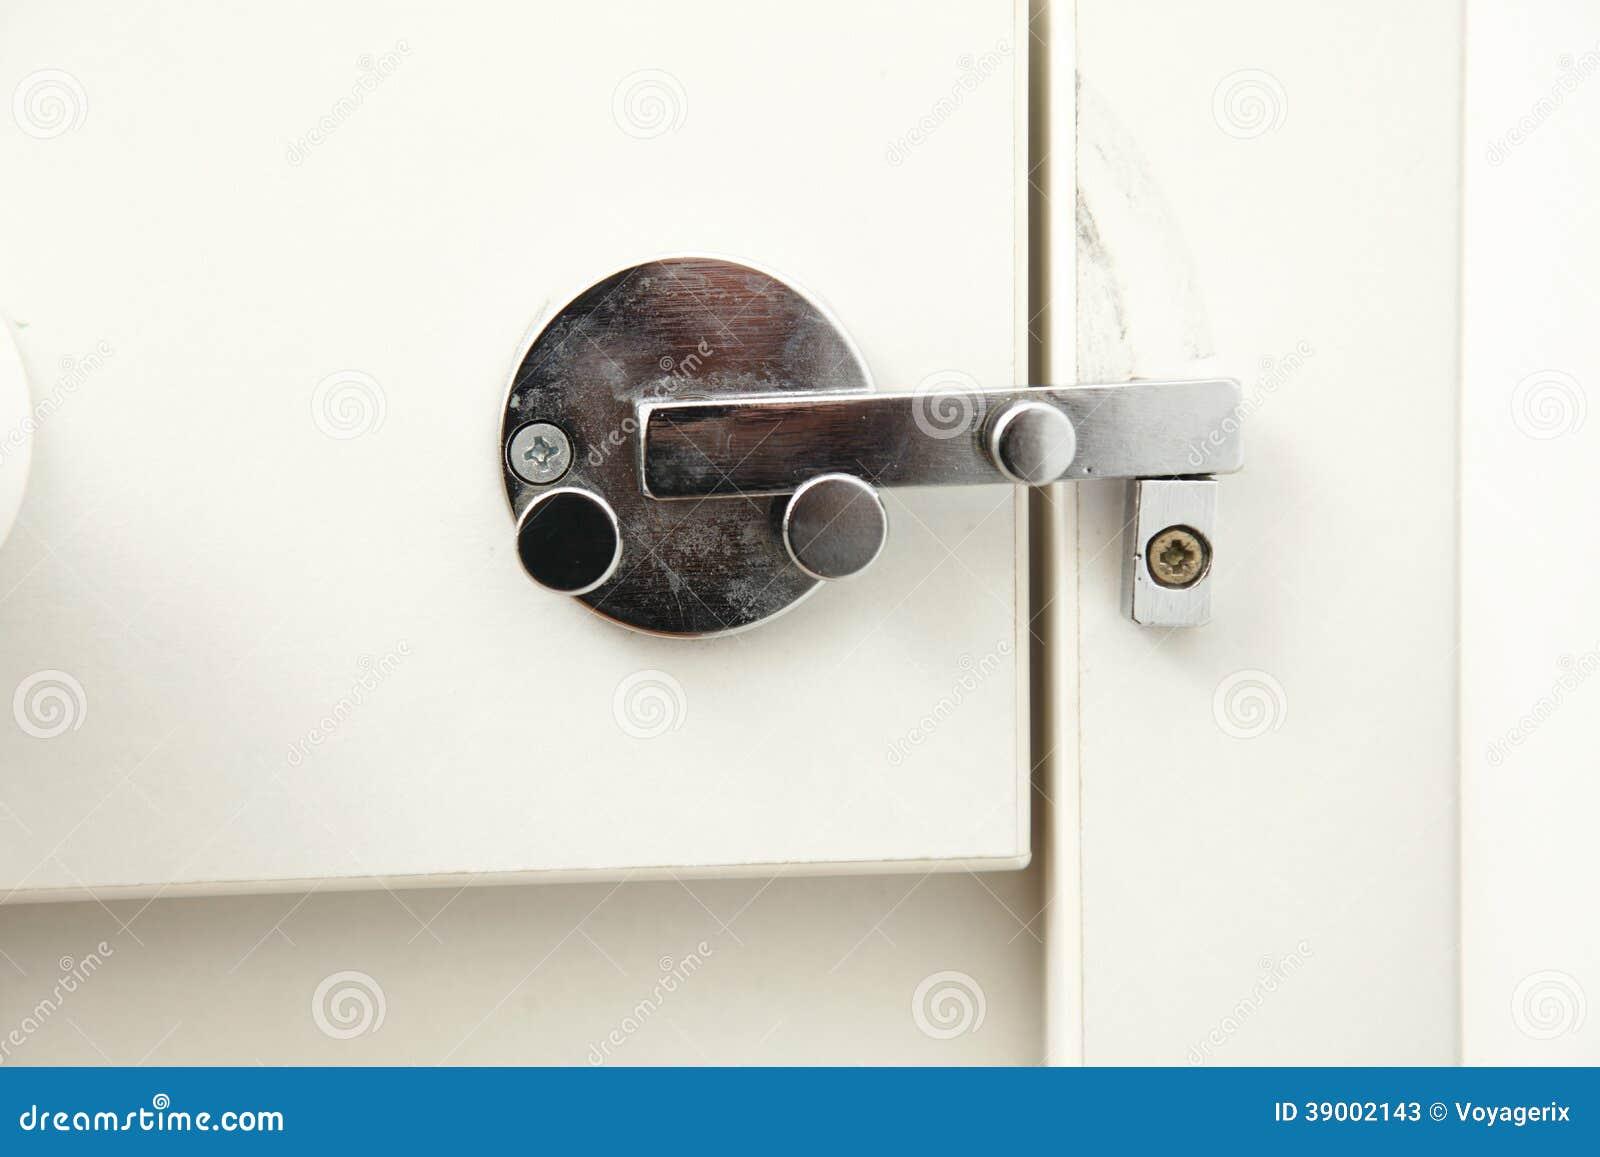 Lock on bathroom door stock photo image 39002143 - Bathroom door that fogs up when locked ...